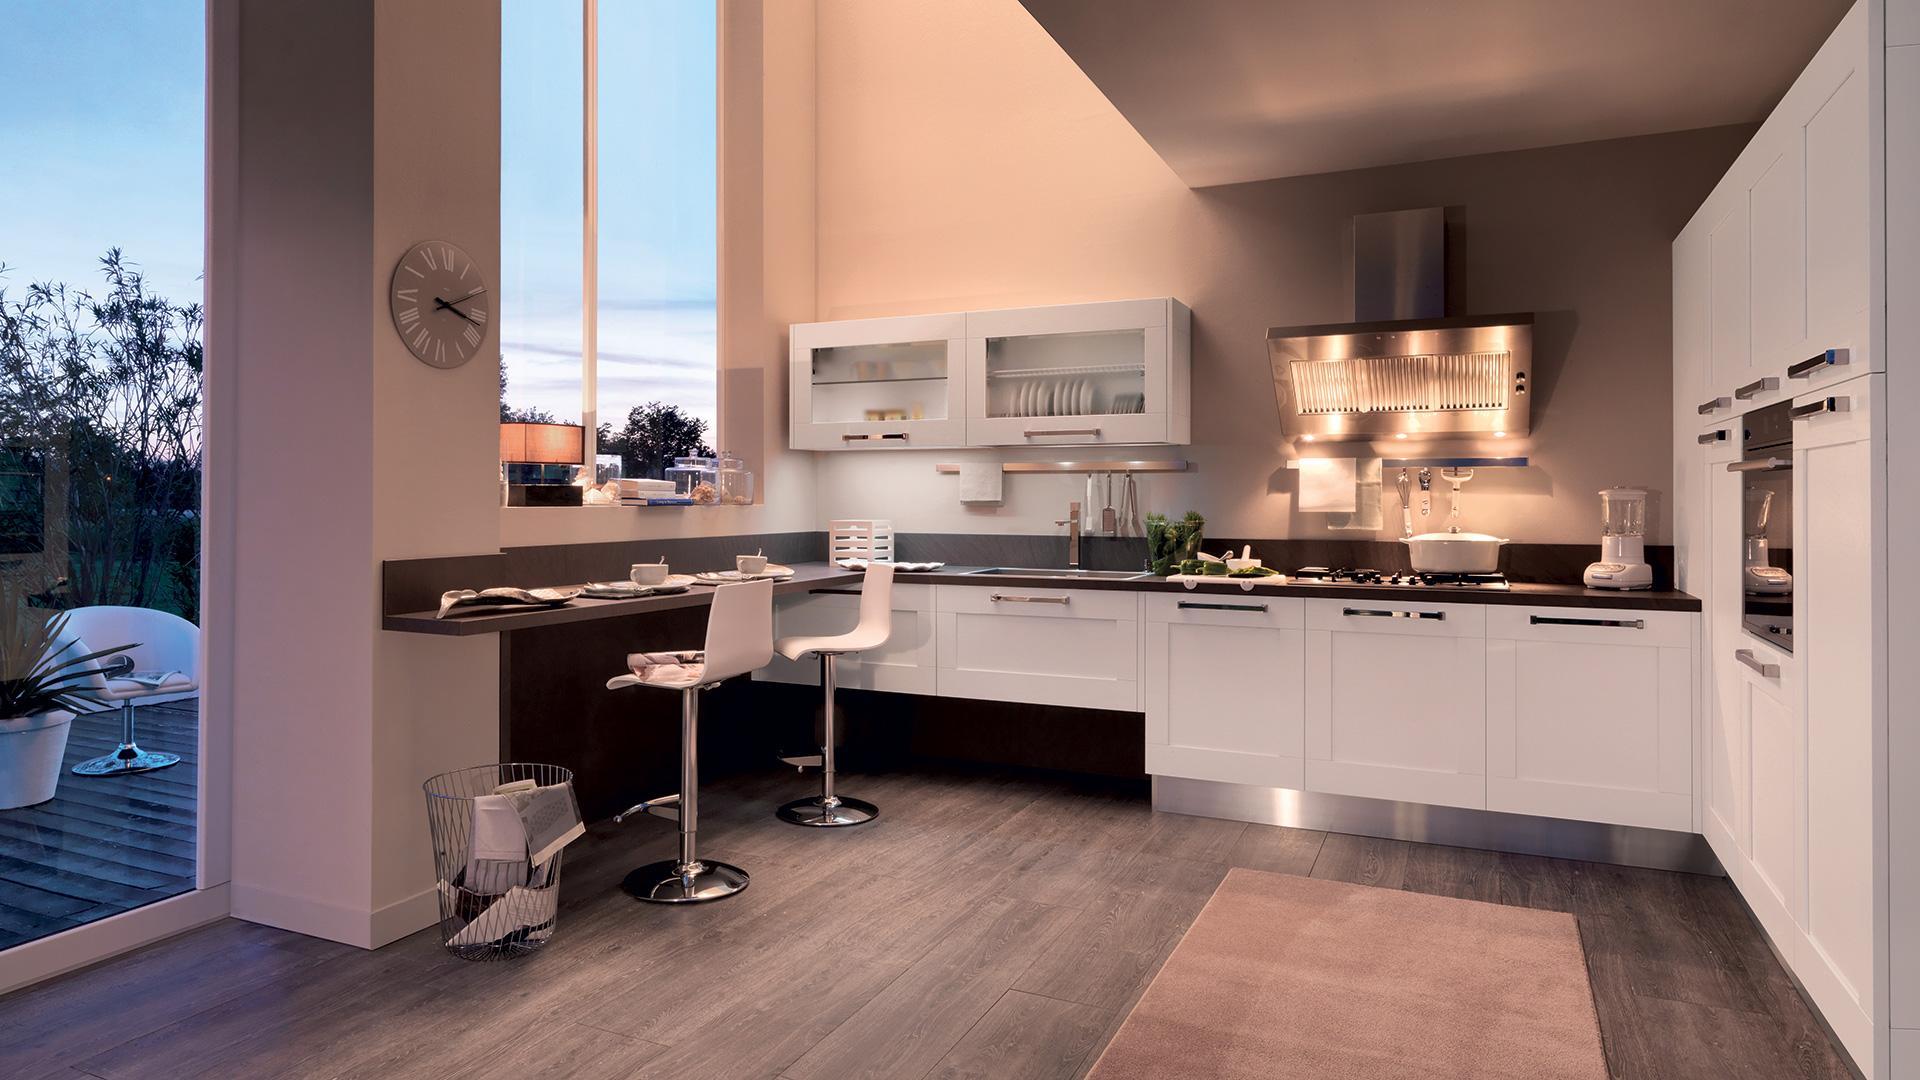 Scegli la tua cucina da moma centro cucine lube - Centro cucine lube ...